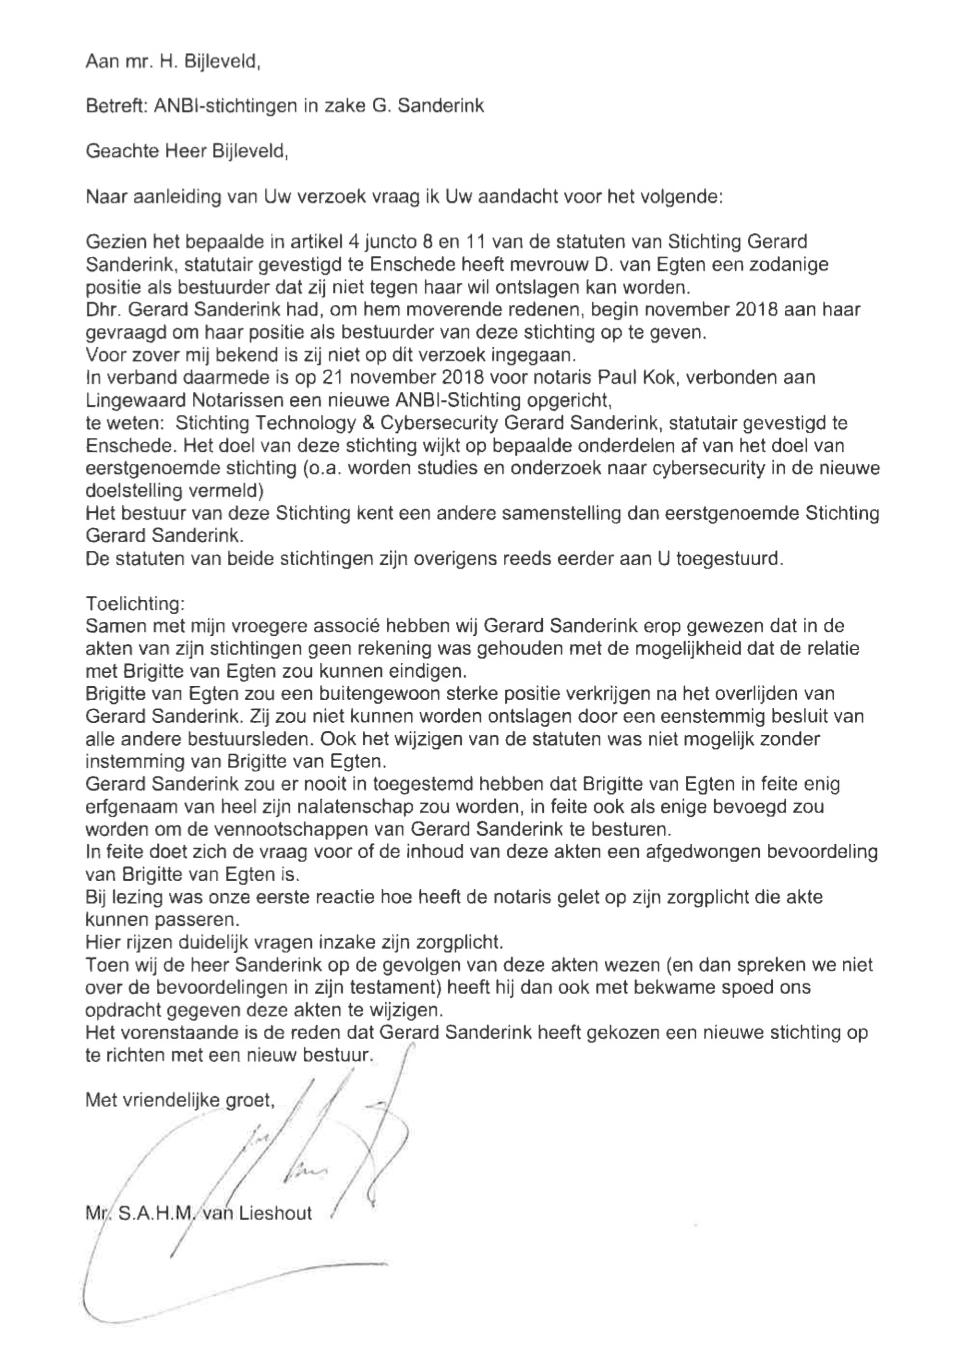 ondertekening en dating een brief